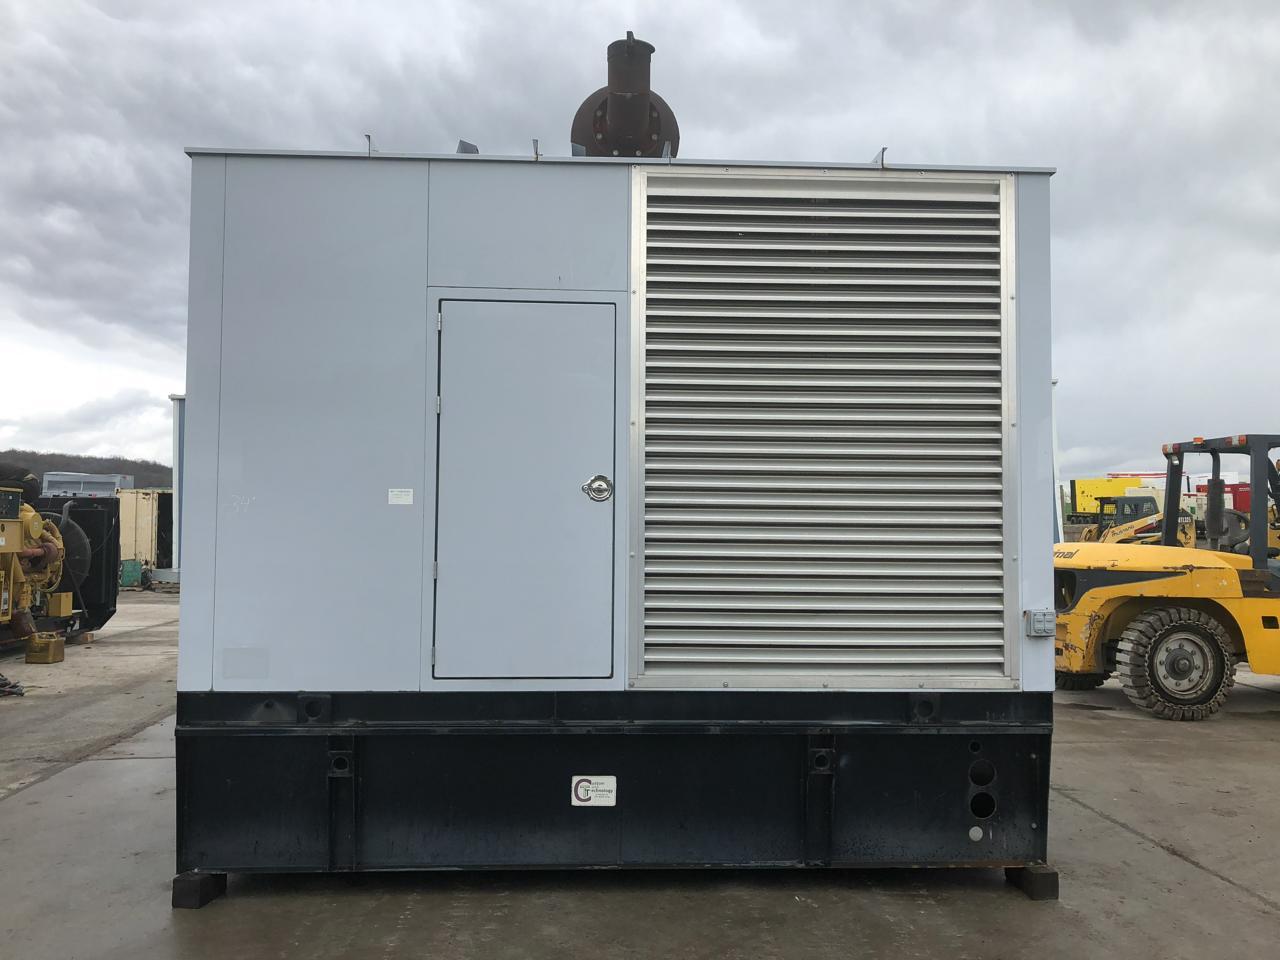 _510 kW Spectrum/Detroit Generator Set, Base Fuel Tank, 12 Lead ...